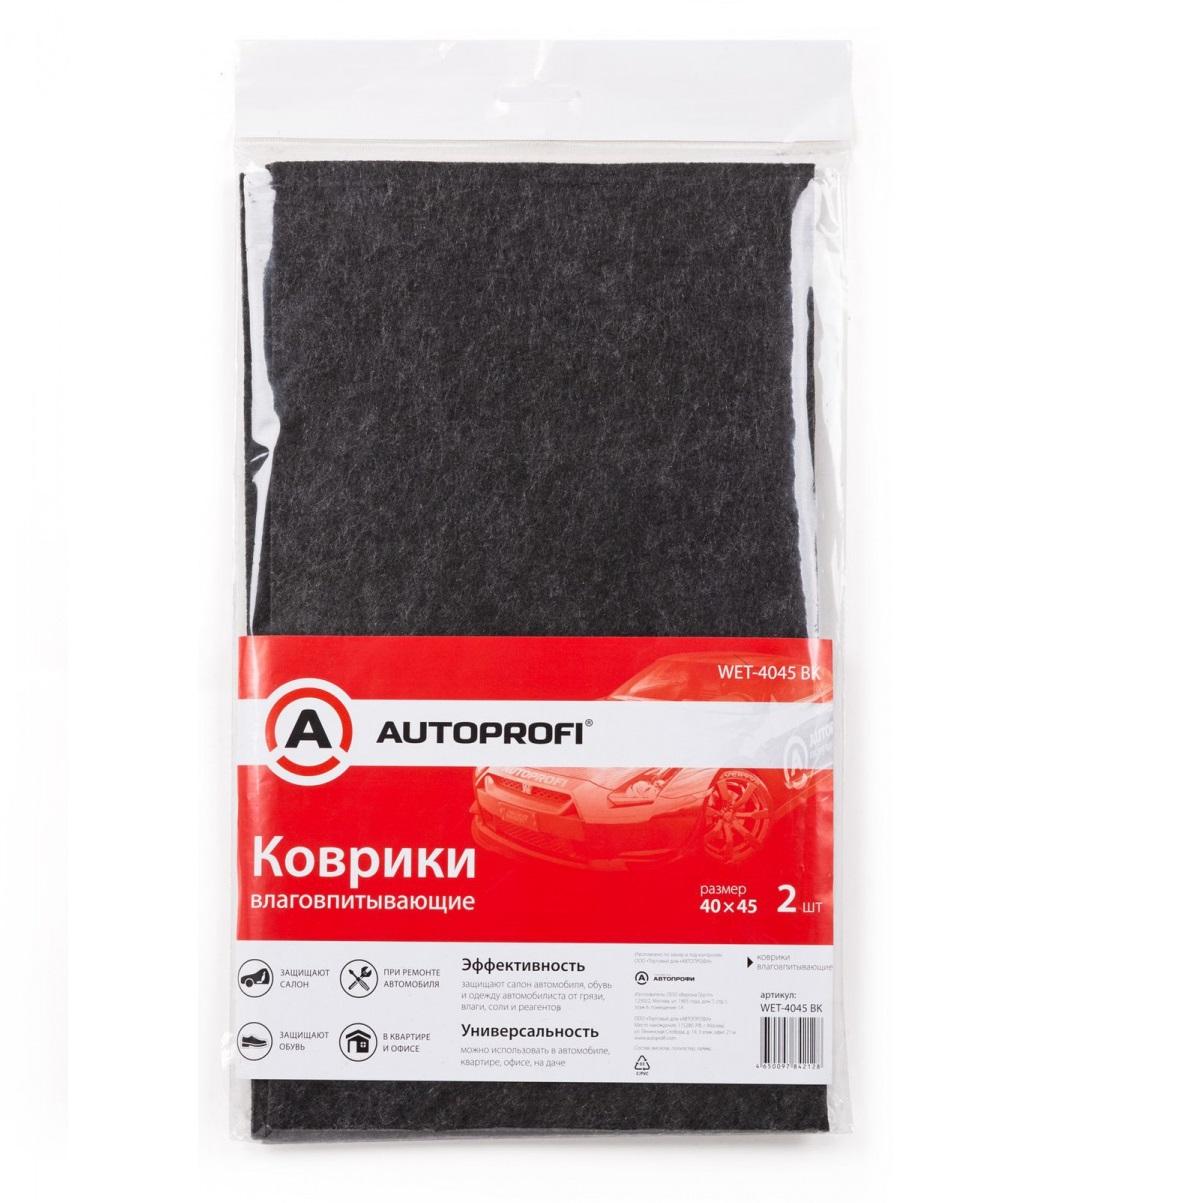 Коврики влаговпитывающие AUTOPROFI 40х45, комплект 2 шт., чёрный фото